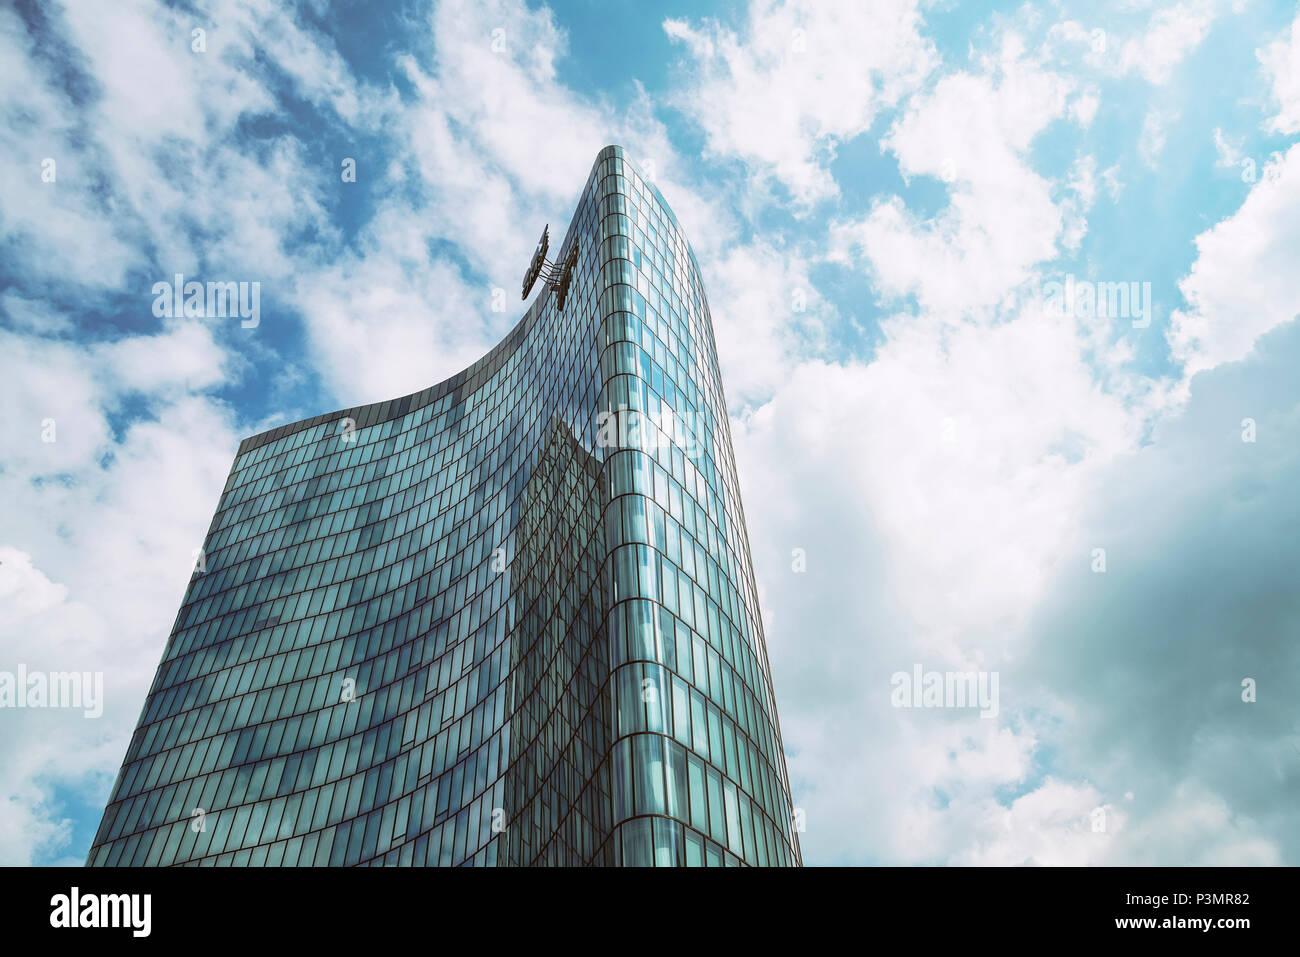 Hoch Zwei skyscraper, Vienna, Austria - Stock Image